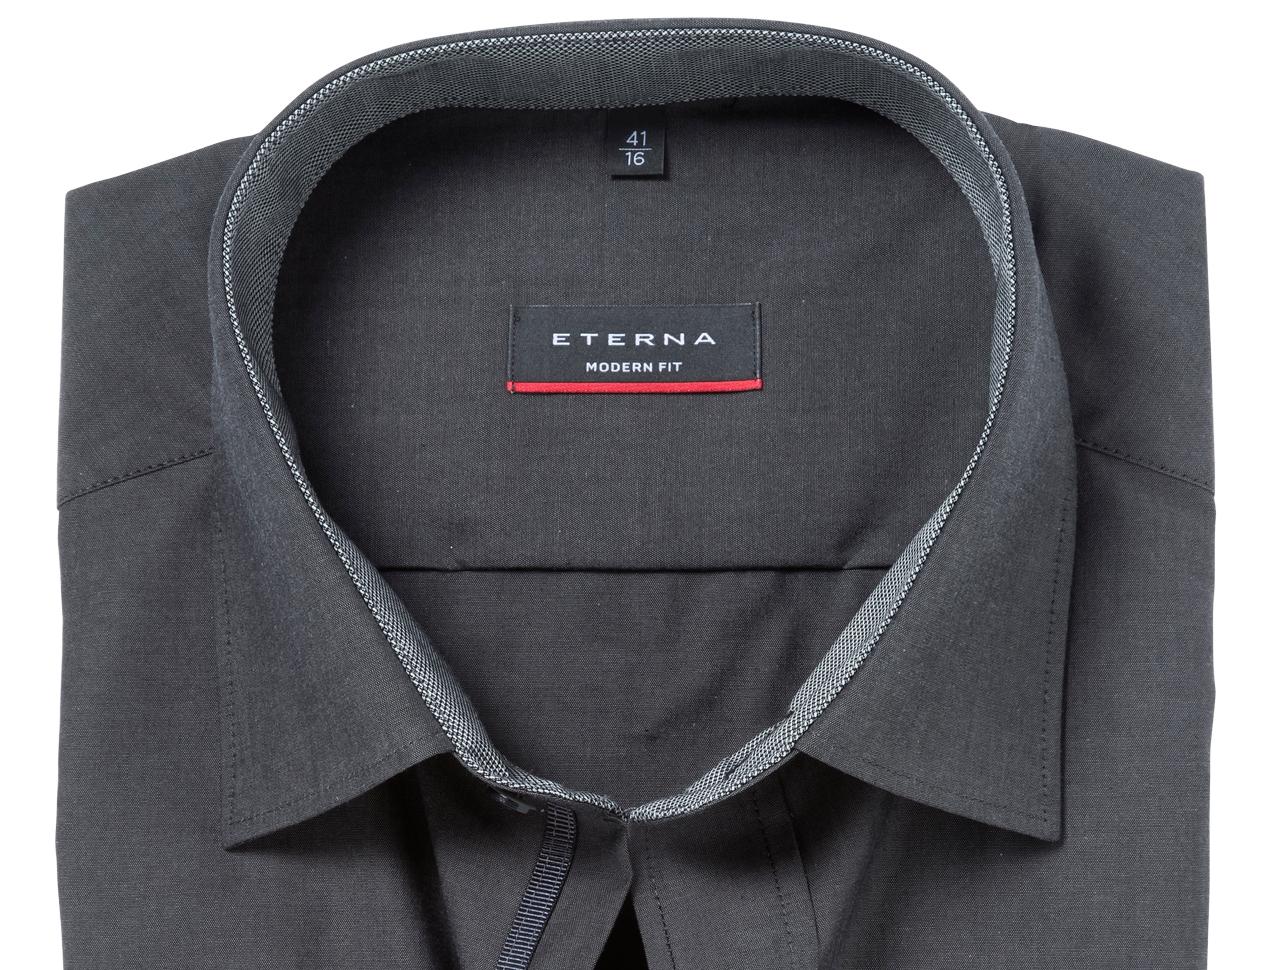 Heren Overhemd Hoge Boord.Uitleg Verschillende Kragen Bij Overhemden